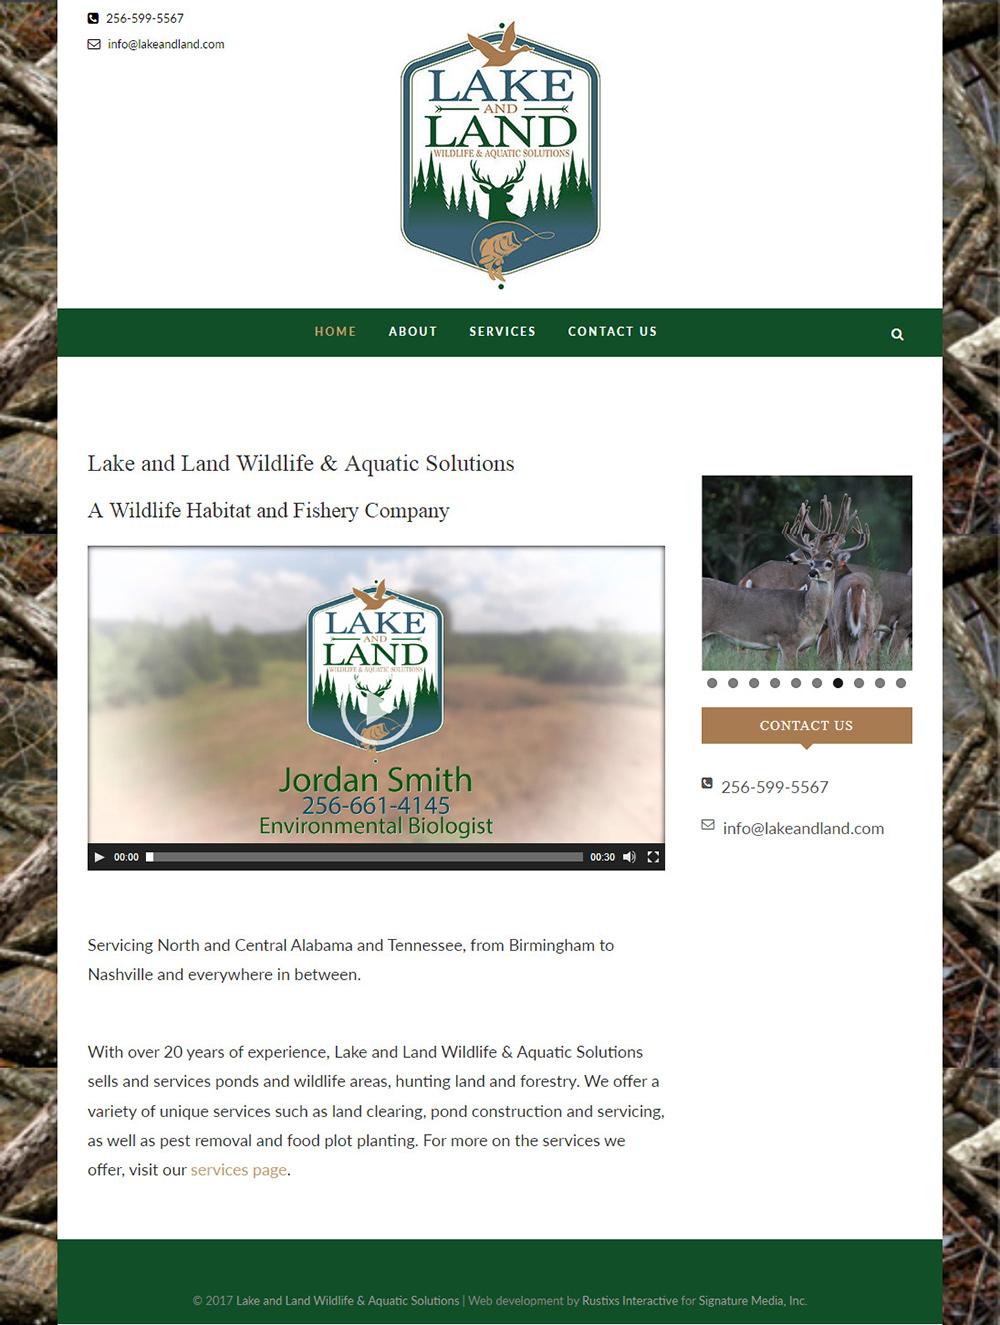 LakeandLand.com